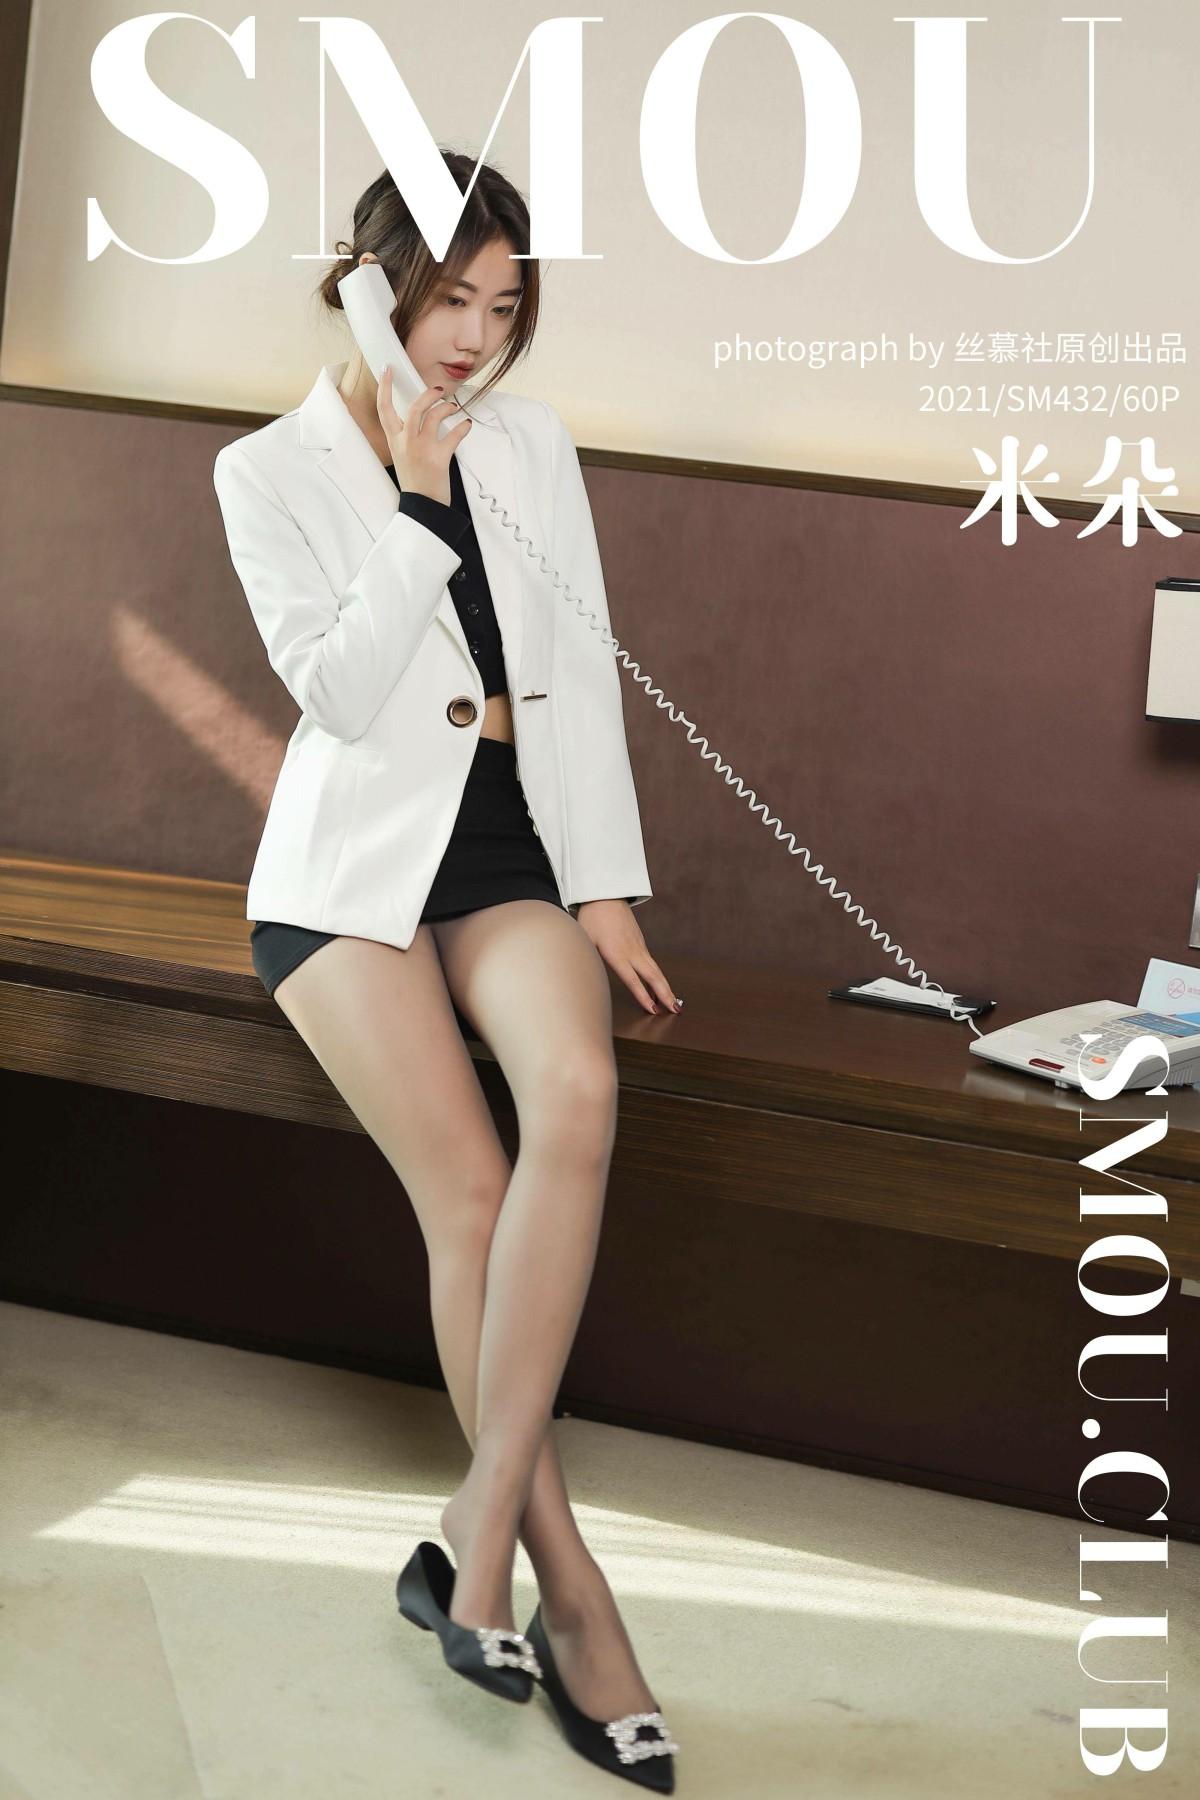 丝慕写真 SM432 天天一元 模特:米朵《灰色超薄连裤袜》